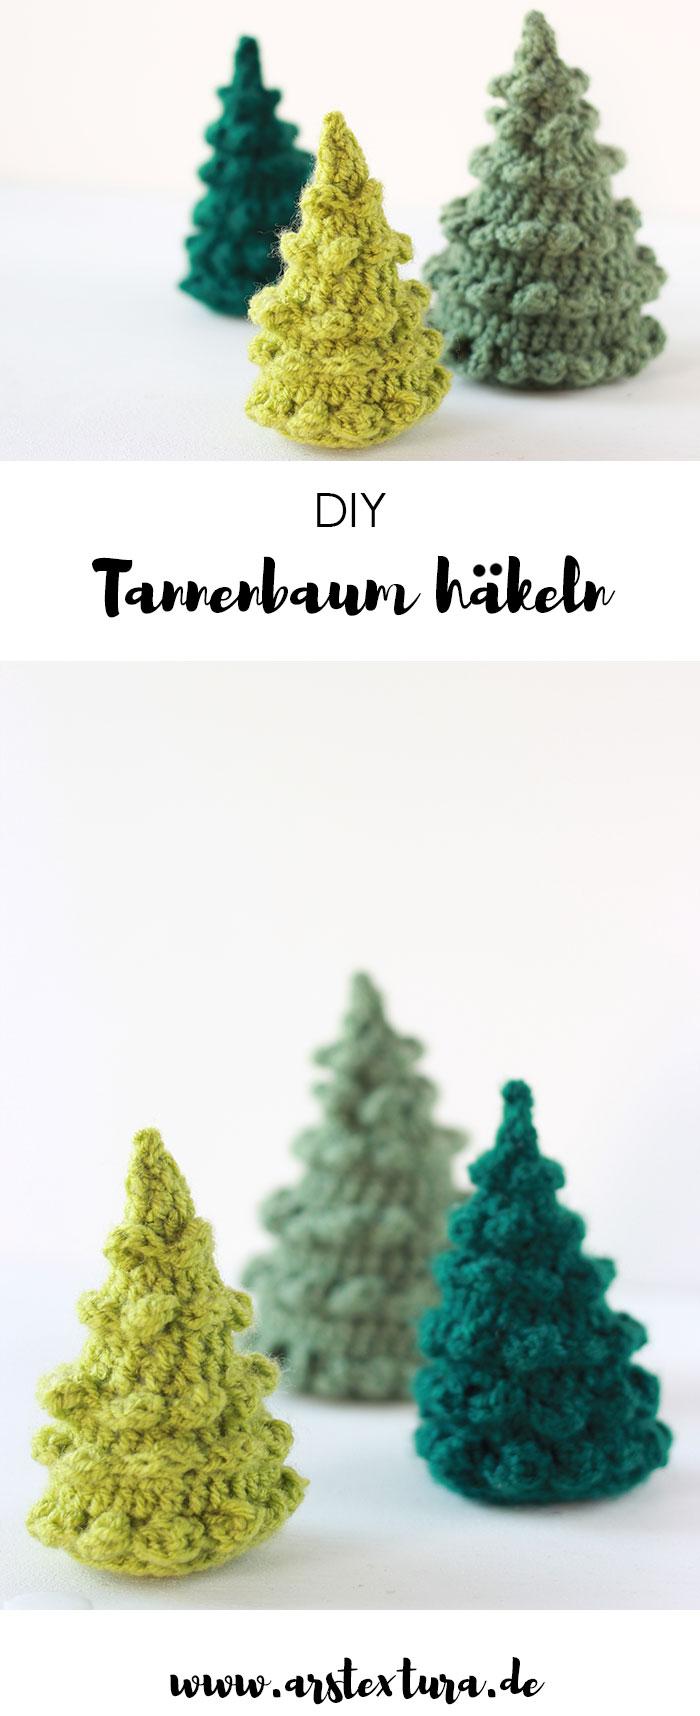 12 Tannenbäumchen Häkeln Ars Textura Diy Blog